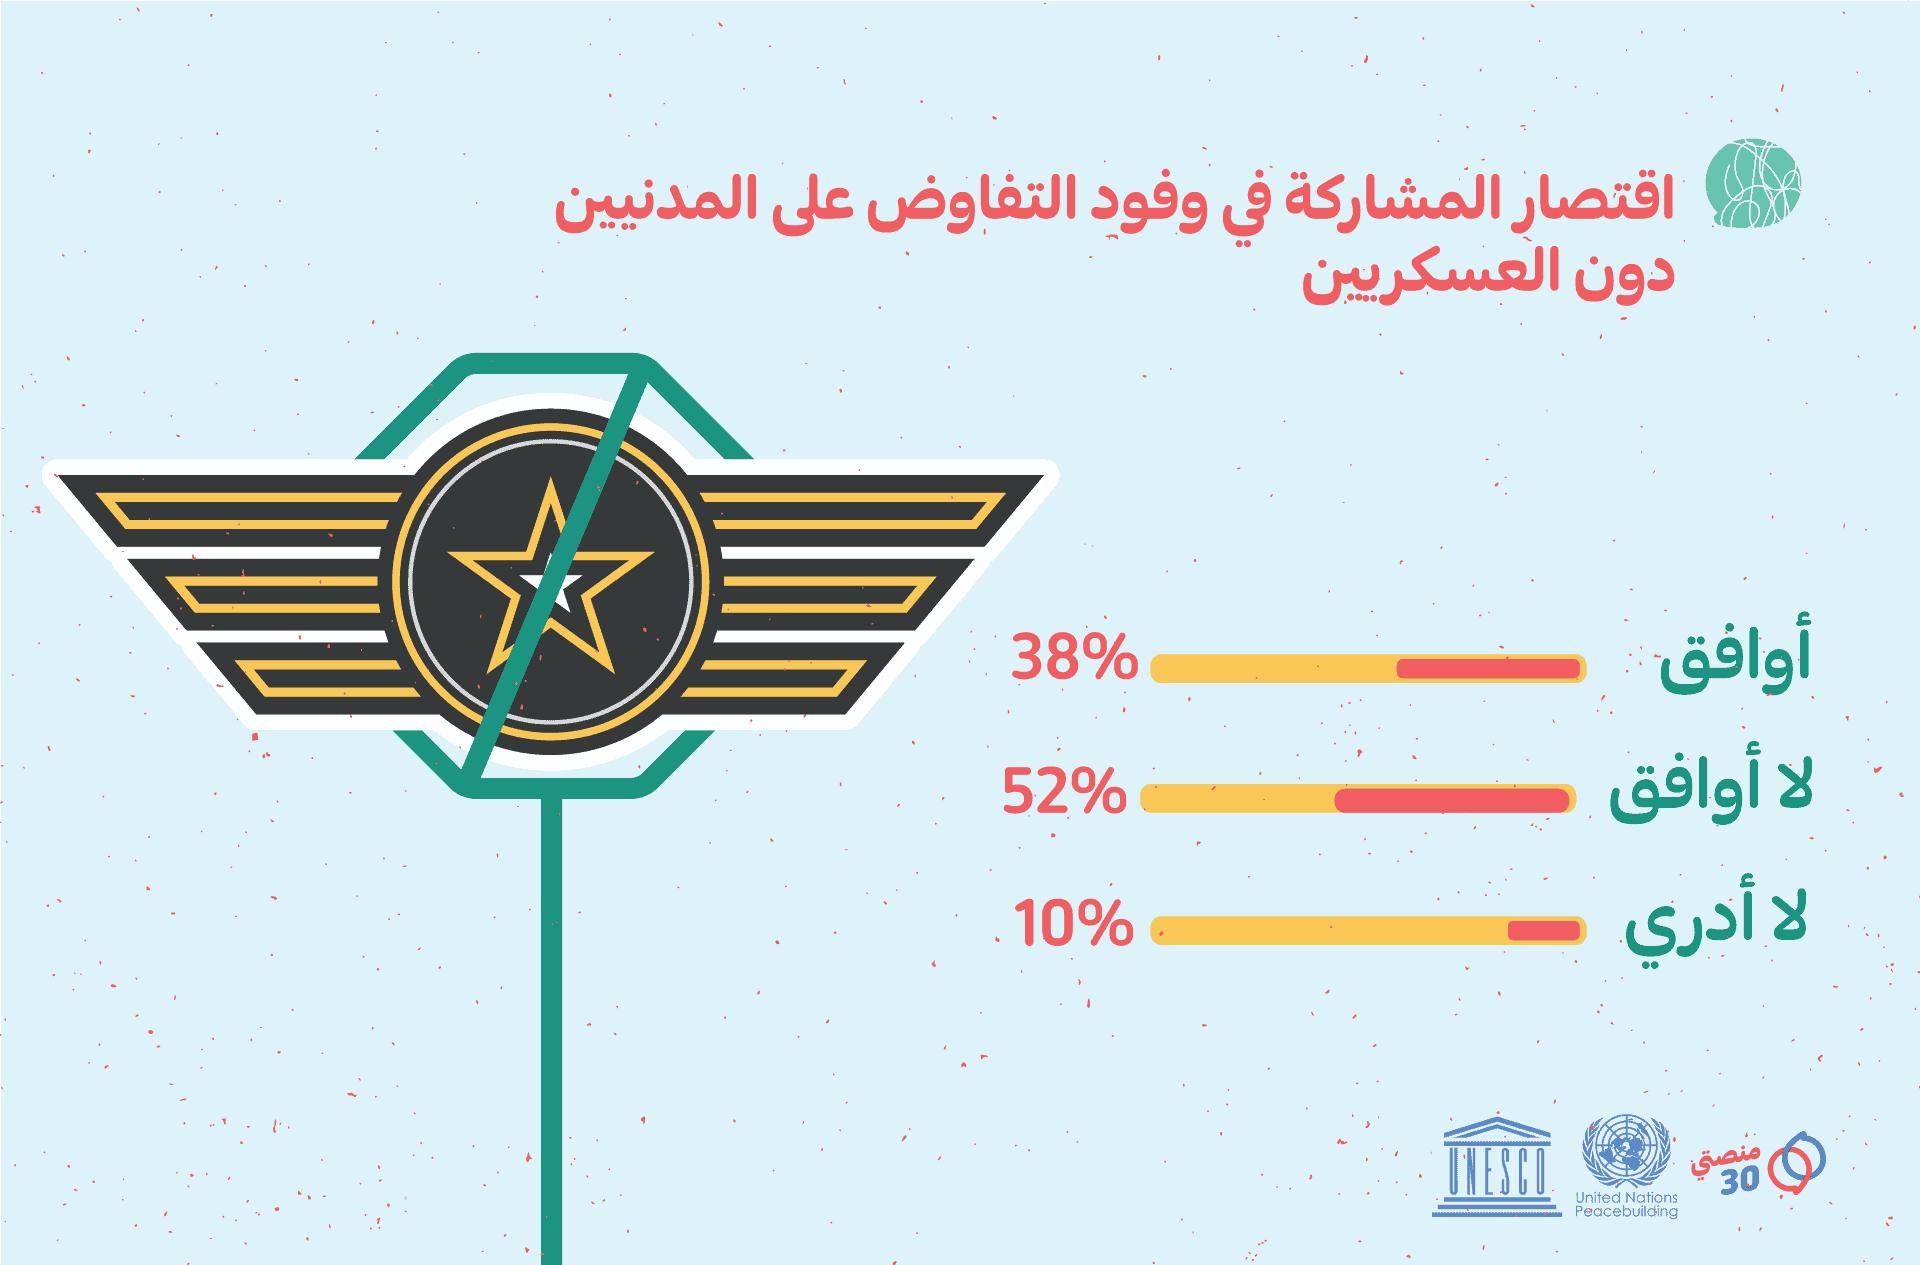 الأصوات حول فرضية اقتصار المشاركة في وفود التفاوض على المدنيين دون العسكريين